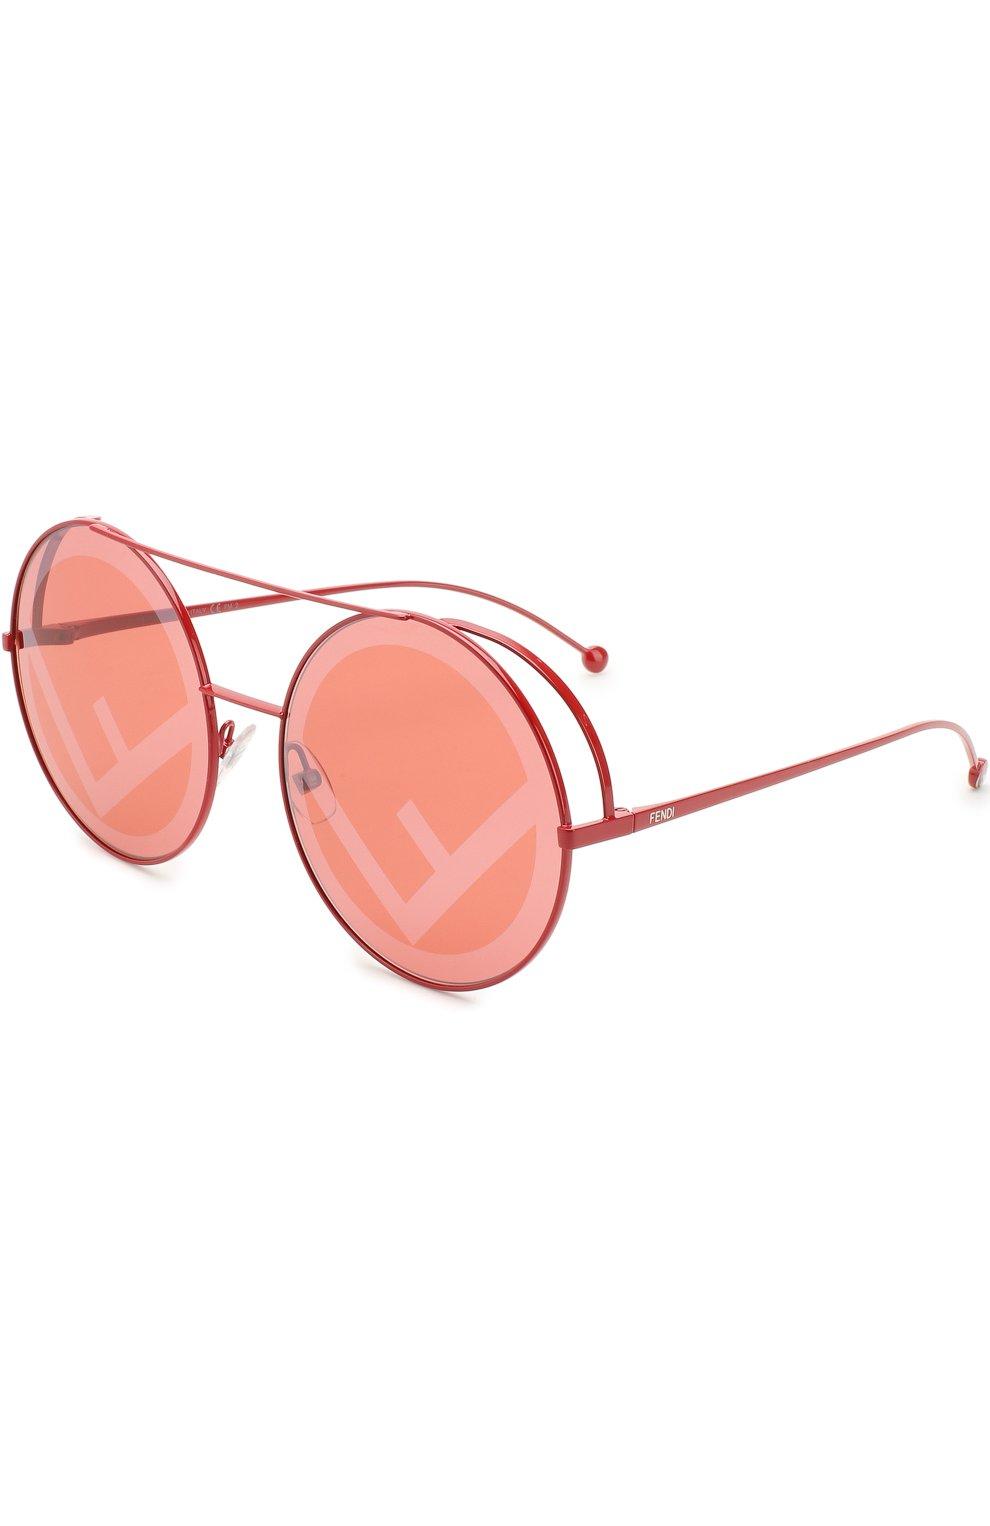 Женские солнцезащитные очки FENDI красного цвета, арт. 0285 C9A | Фото 1